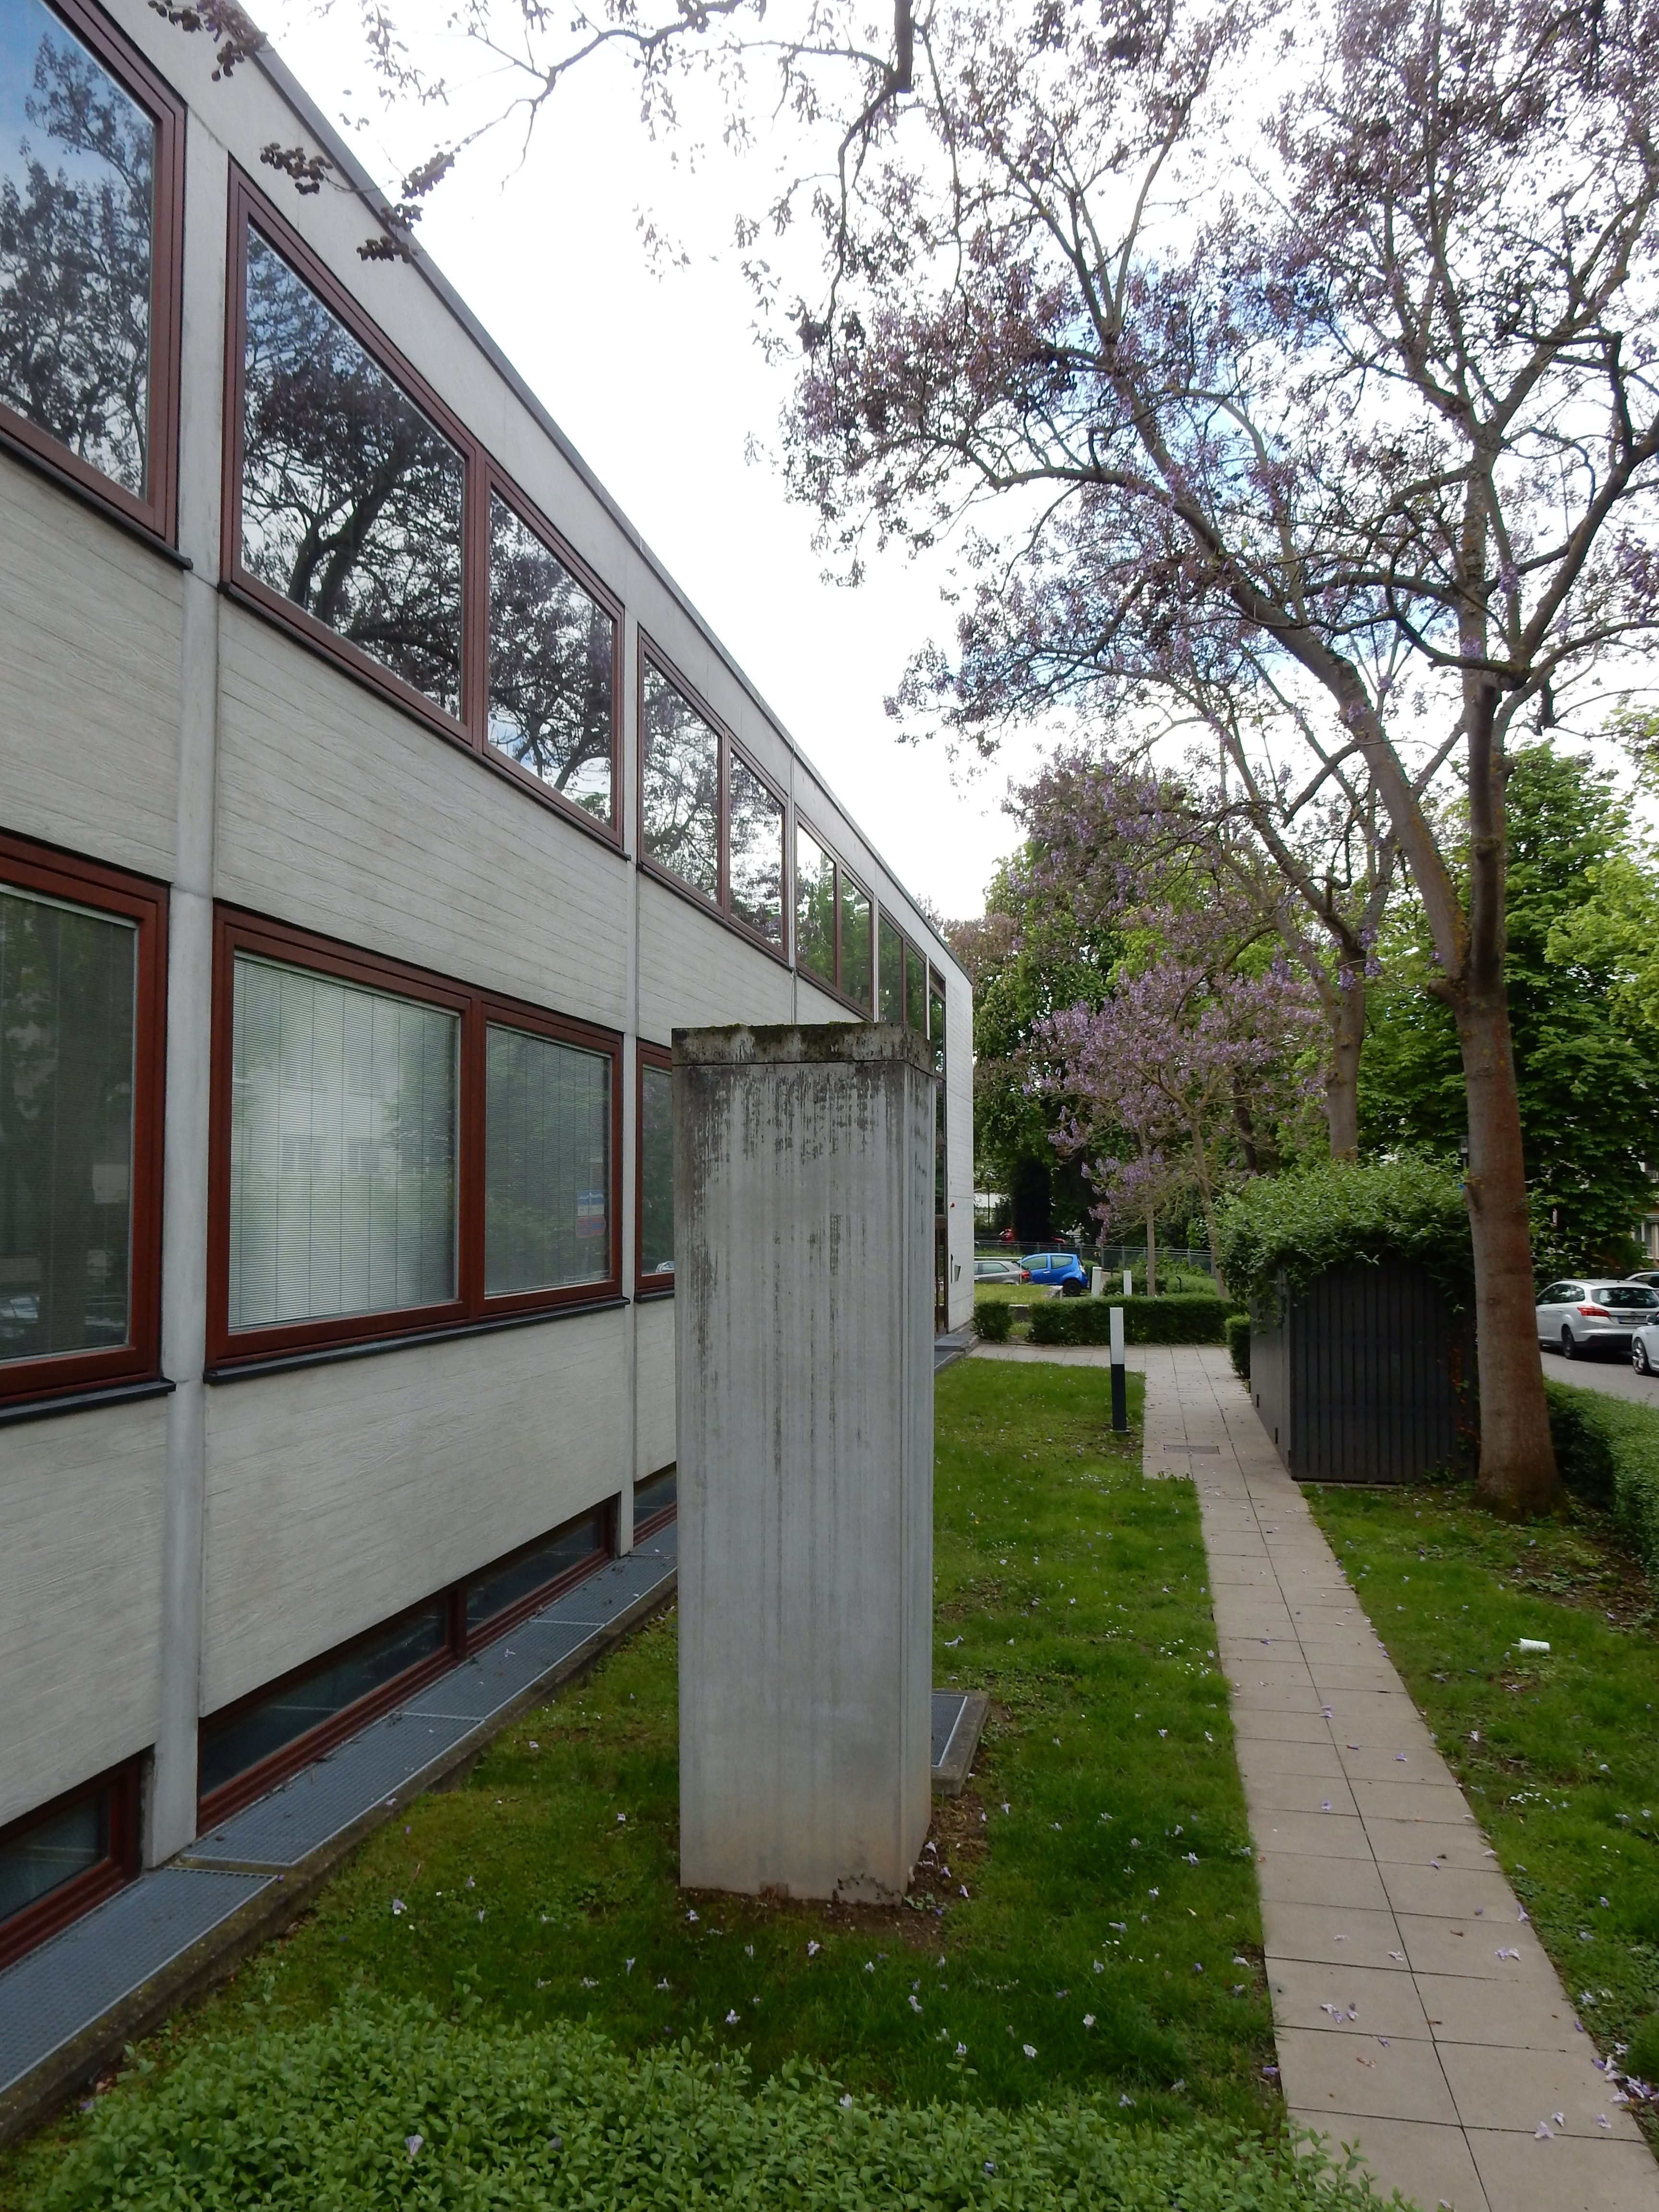 Schmuckmuseum Pforzheim, 11 mei 2019. Foto Coert Peter Krabbe, exterieur, gevel